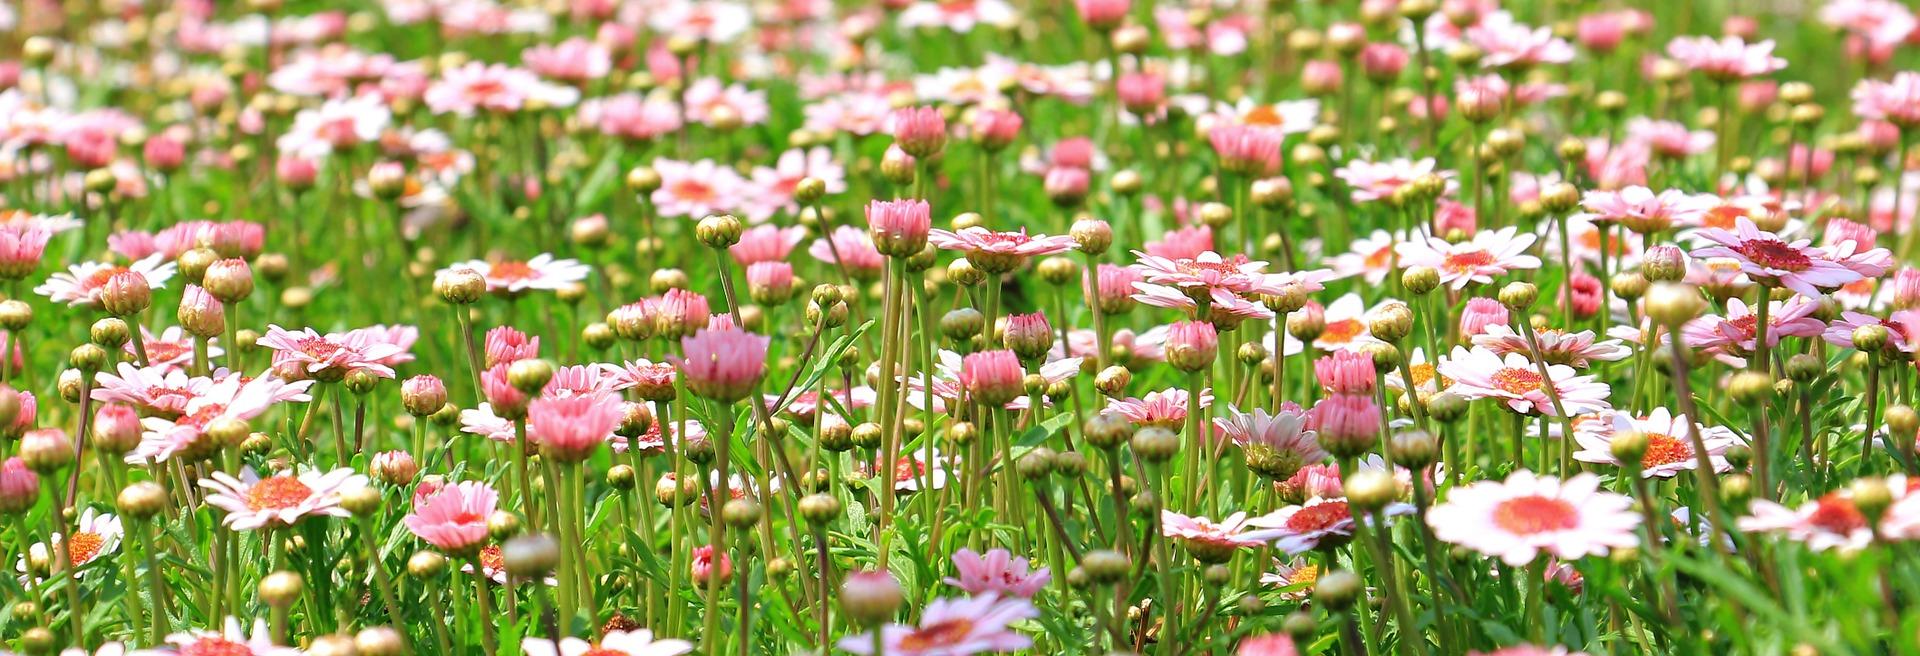 flower-meadow-1510602-1920.jpg